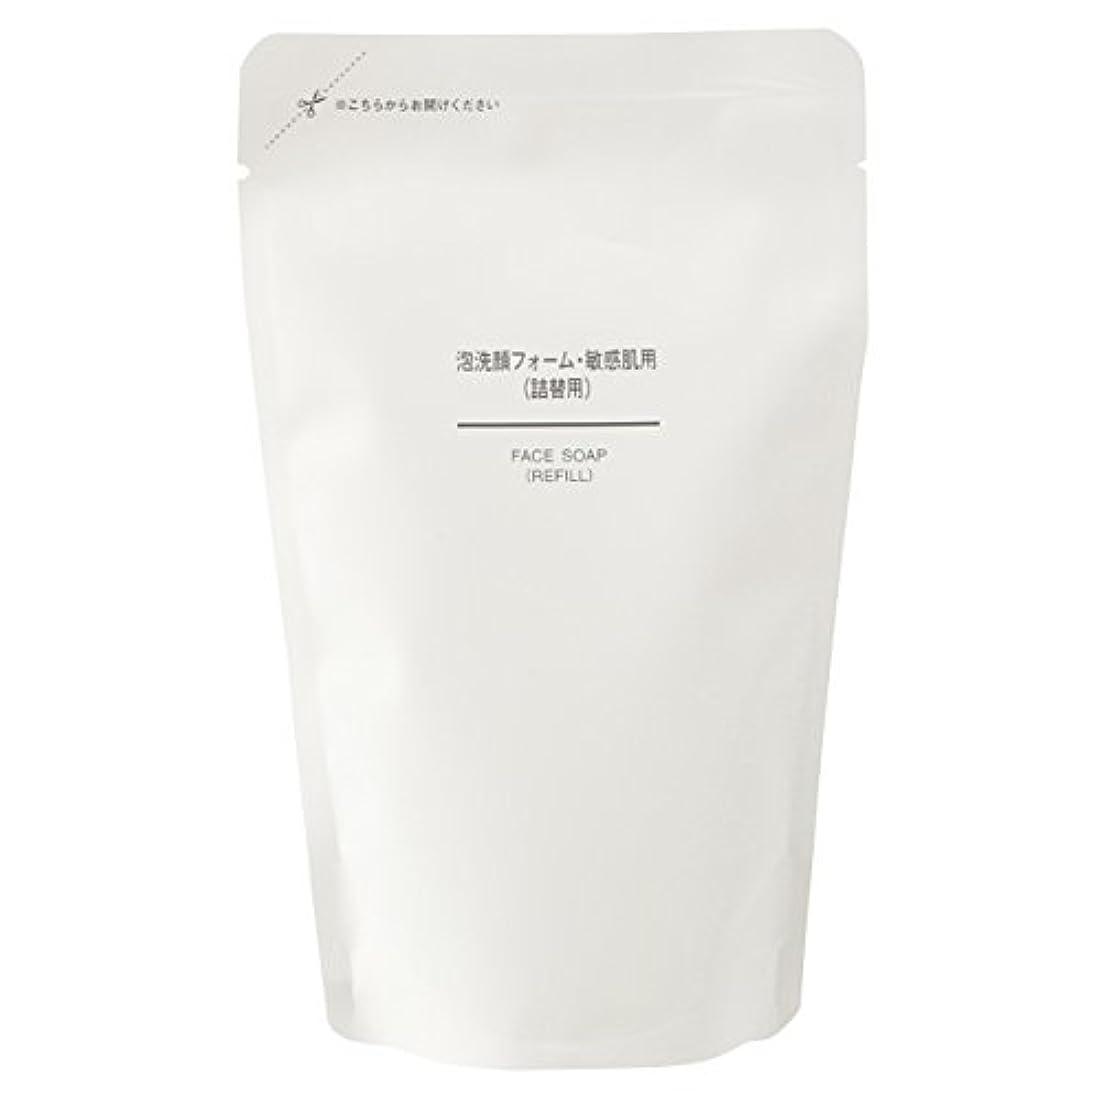 忘れる急速な反動無印良品 泡洗顔フォーム 敏感肌用(詰替用) 180ml